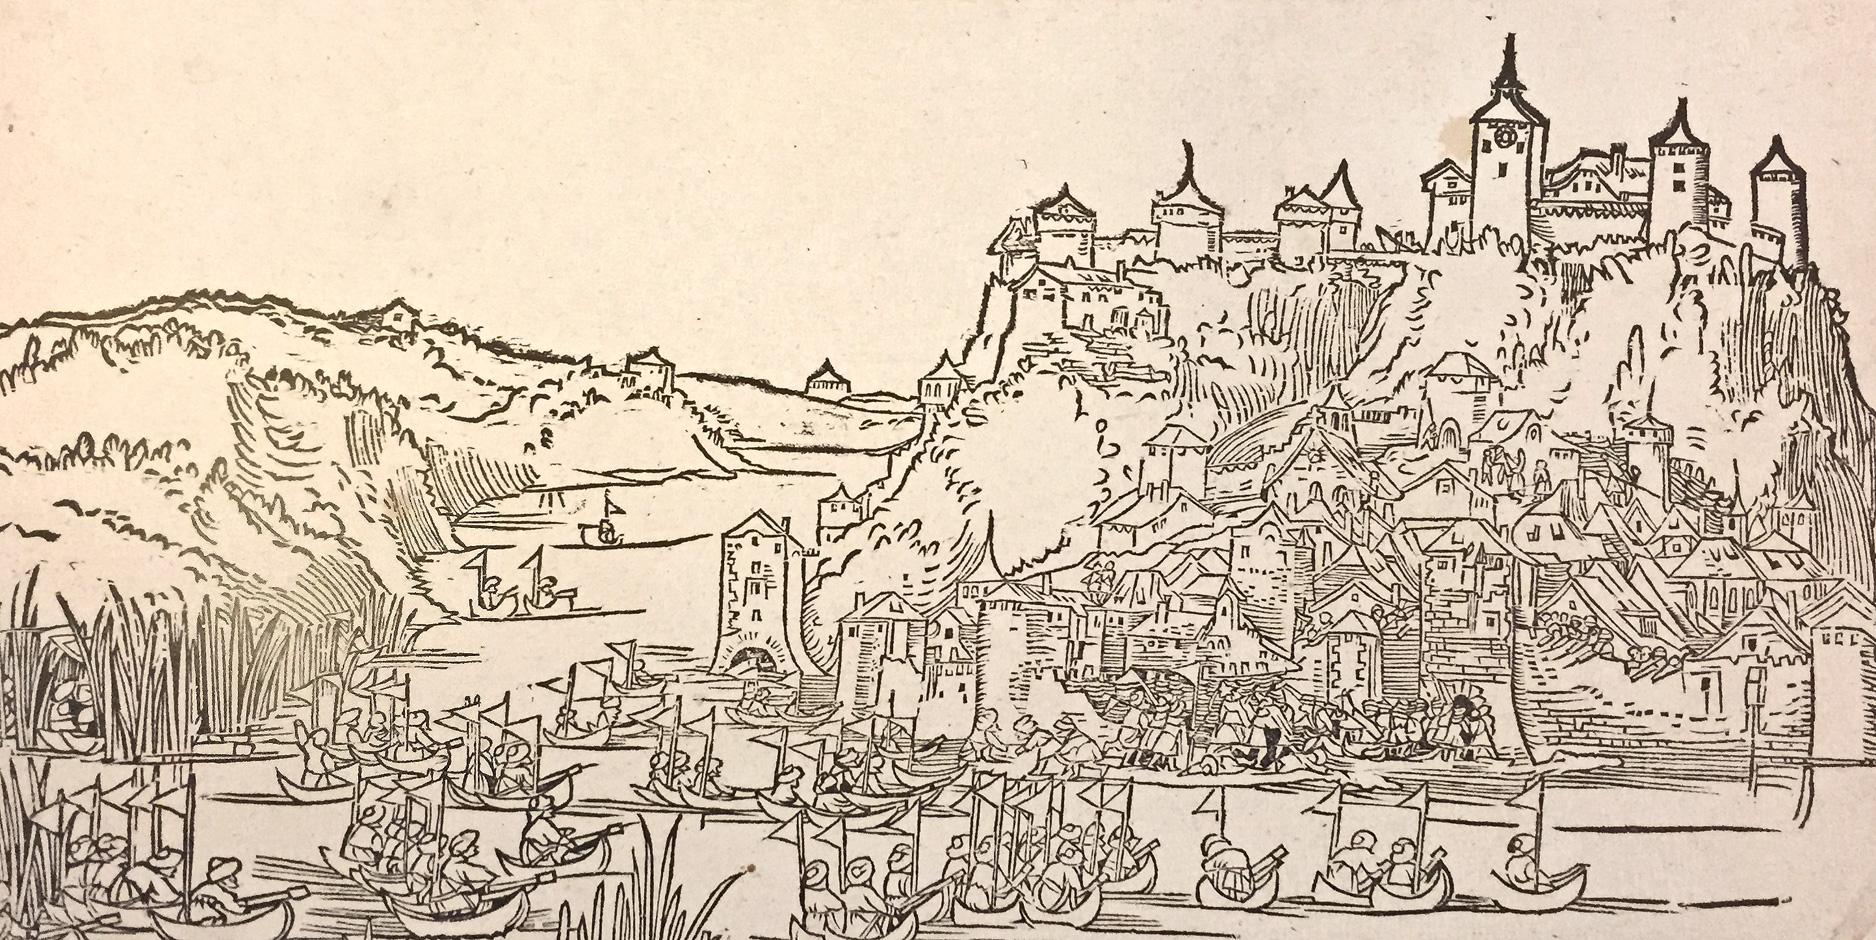 Tursko osvajanje Beograda 1521. godine. Gravira iz 1522. godine (Nirnberg, autor H. Z. Beham)